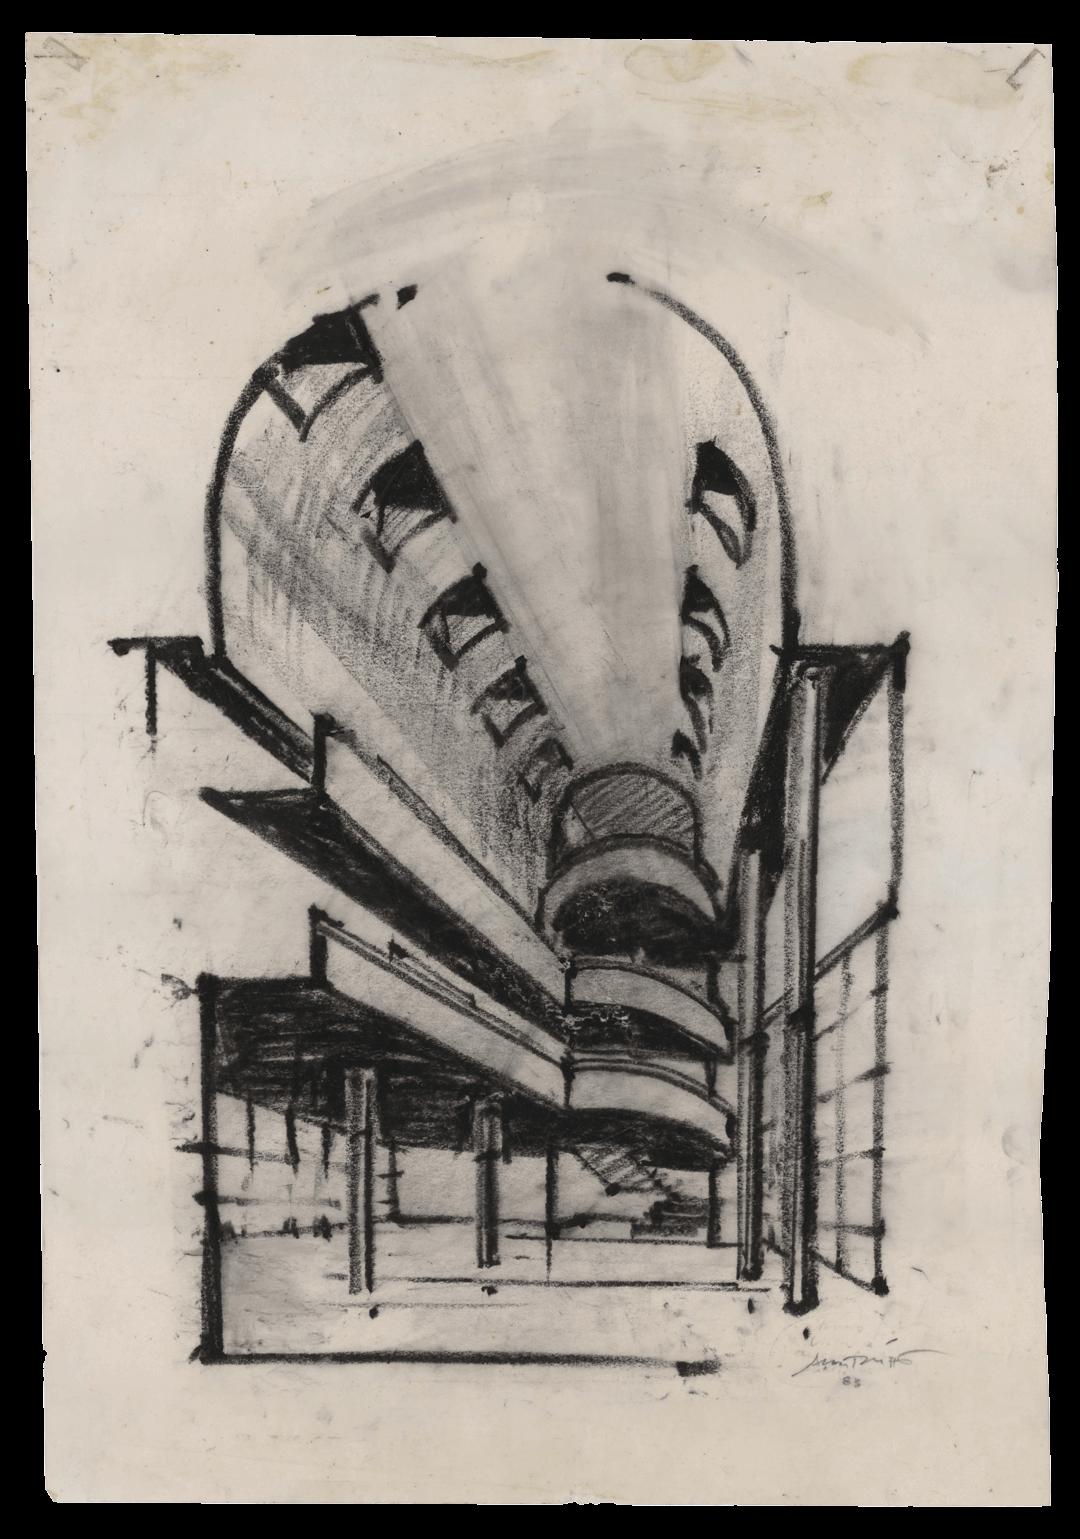 Alcino Soutinho, esquisso do projeto da Câmara Municipal de Matosinhos, 1983